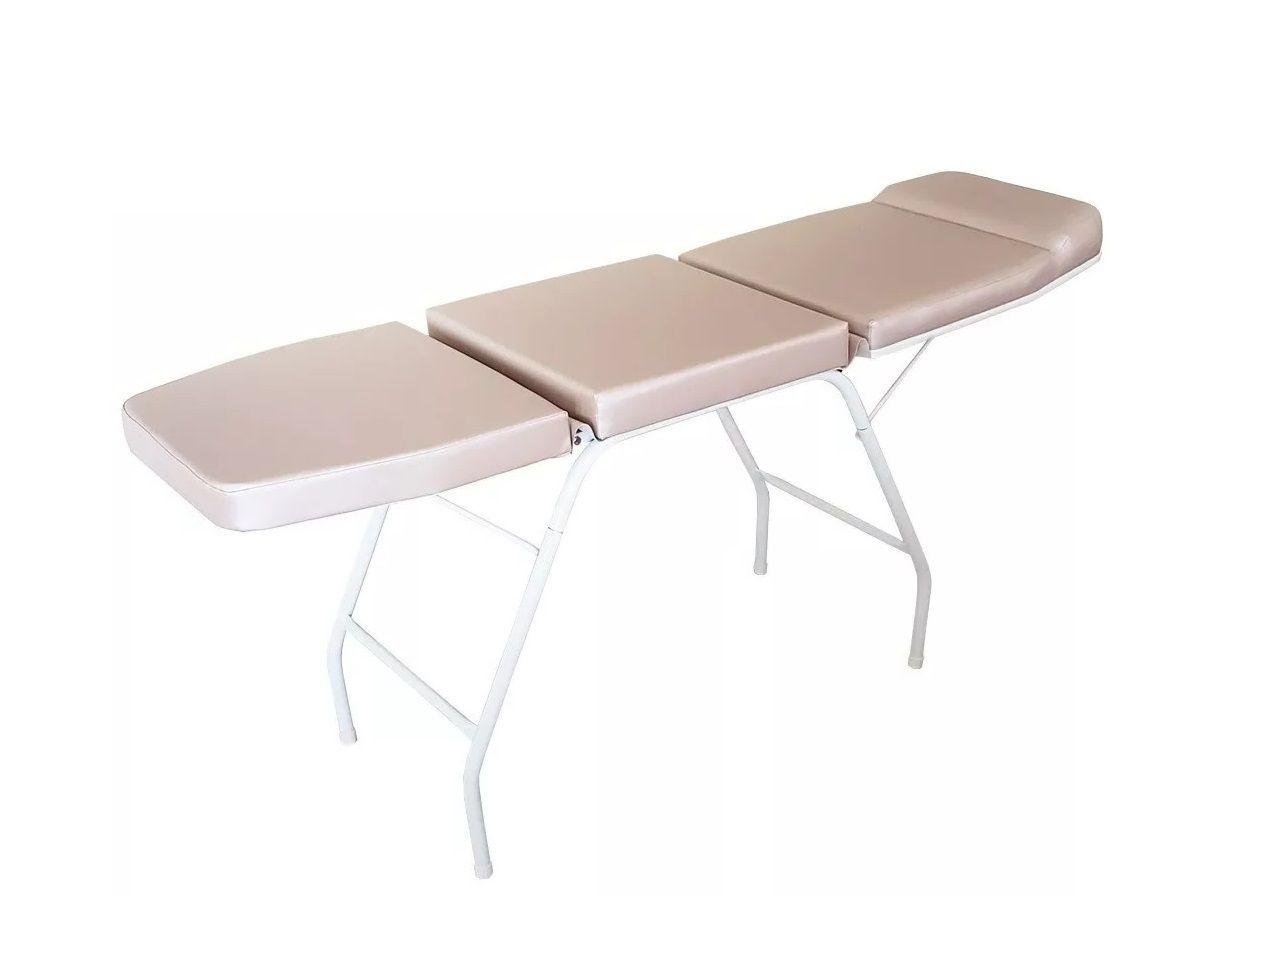 Cadeira Maca 3 Posições Estética